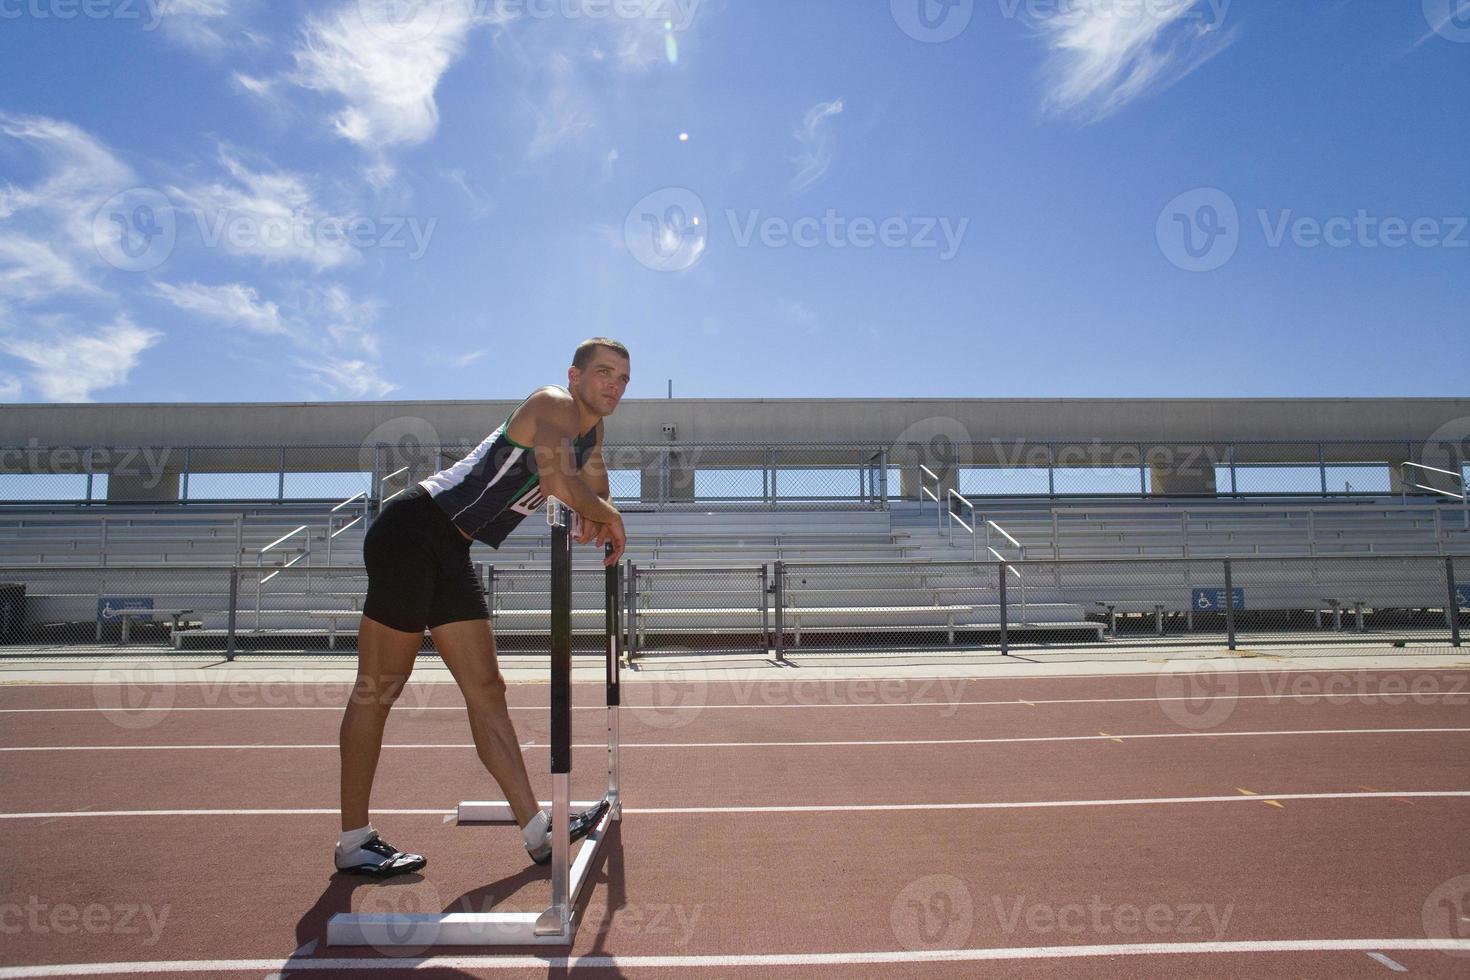 atleta do sexo masculino, descansando os braços no obstáculo, vista lateral (reflexo de lente) foto